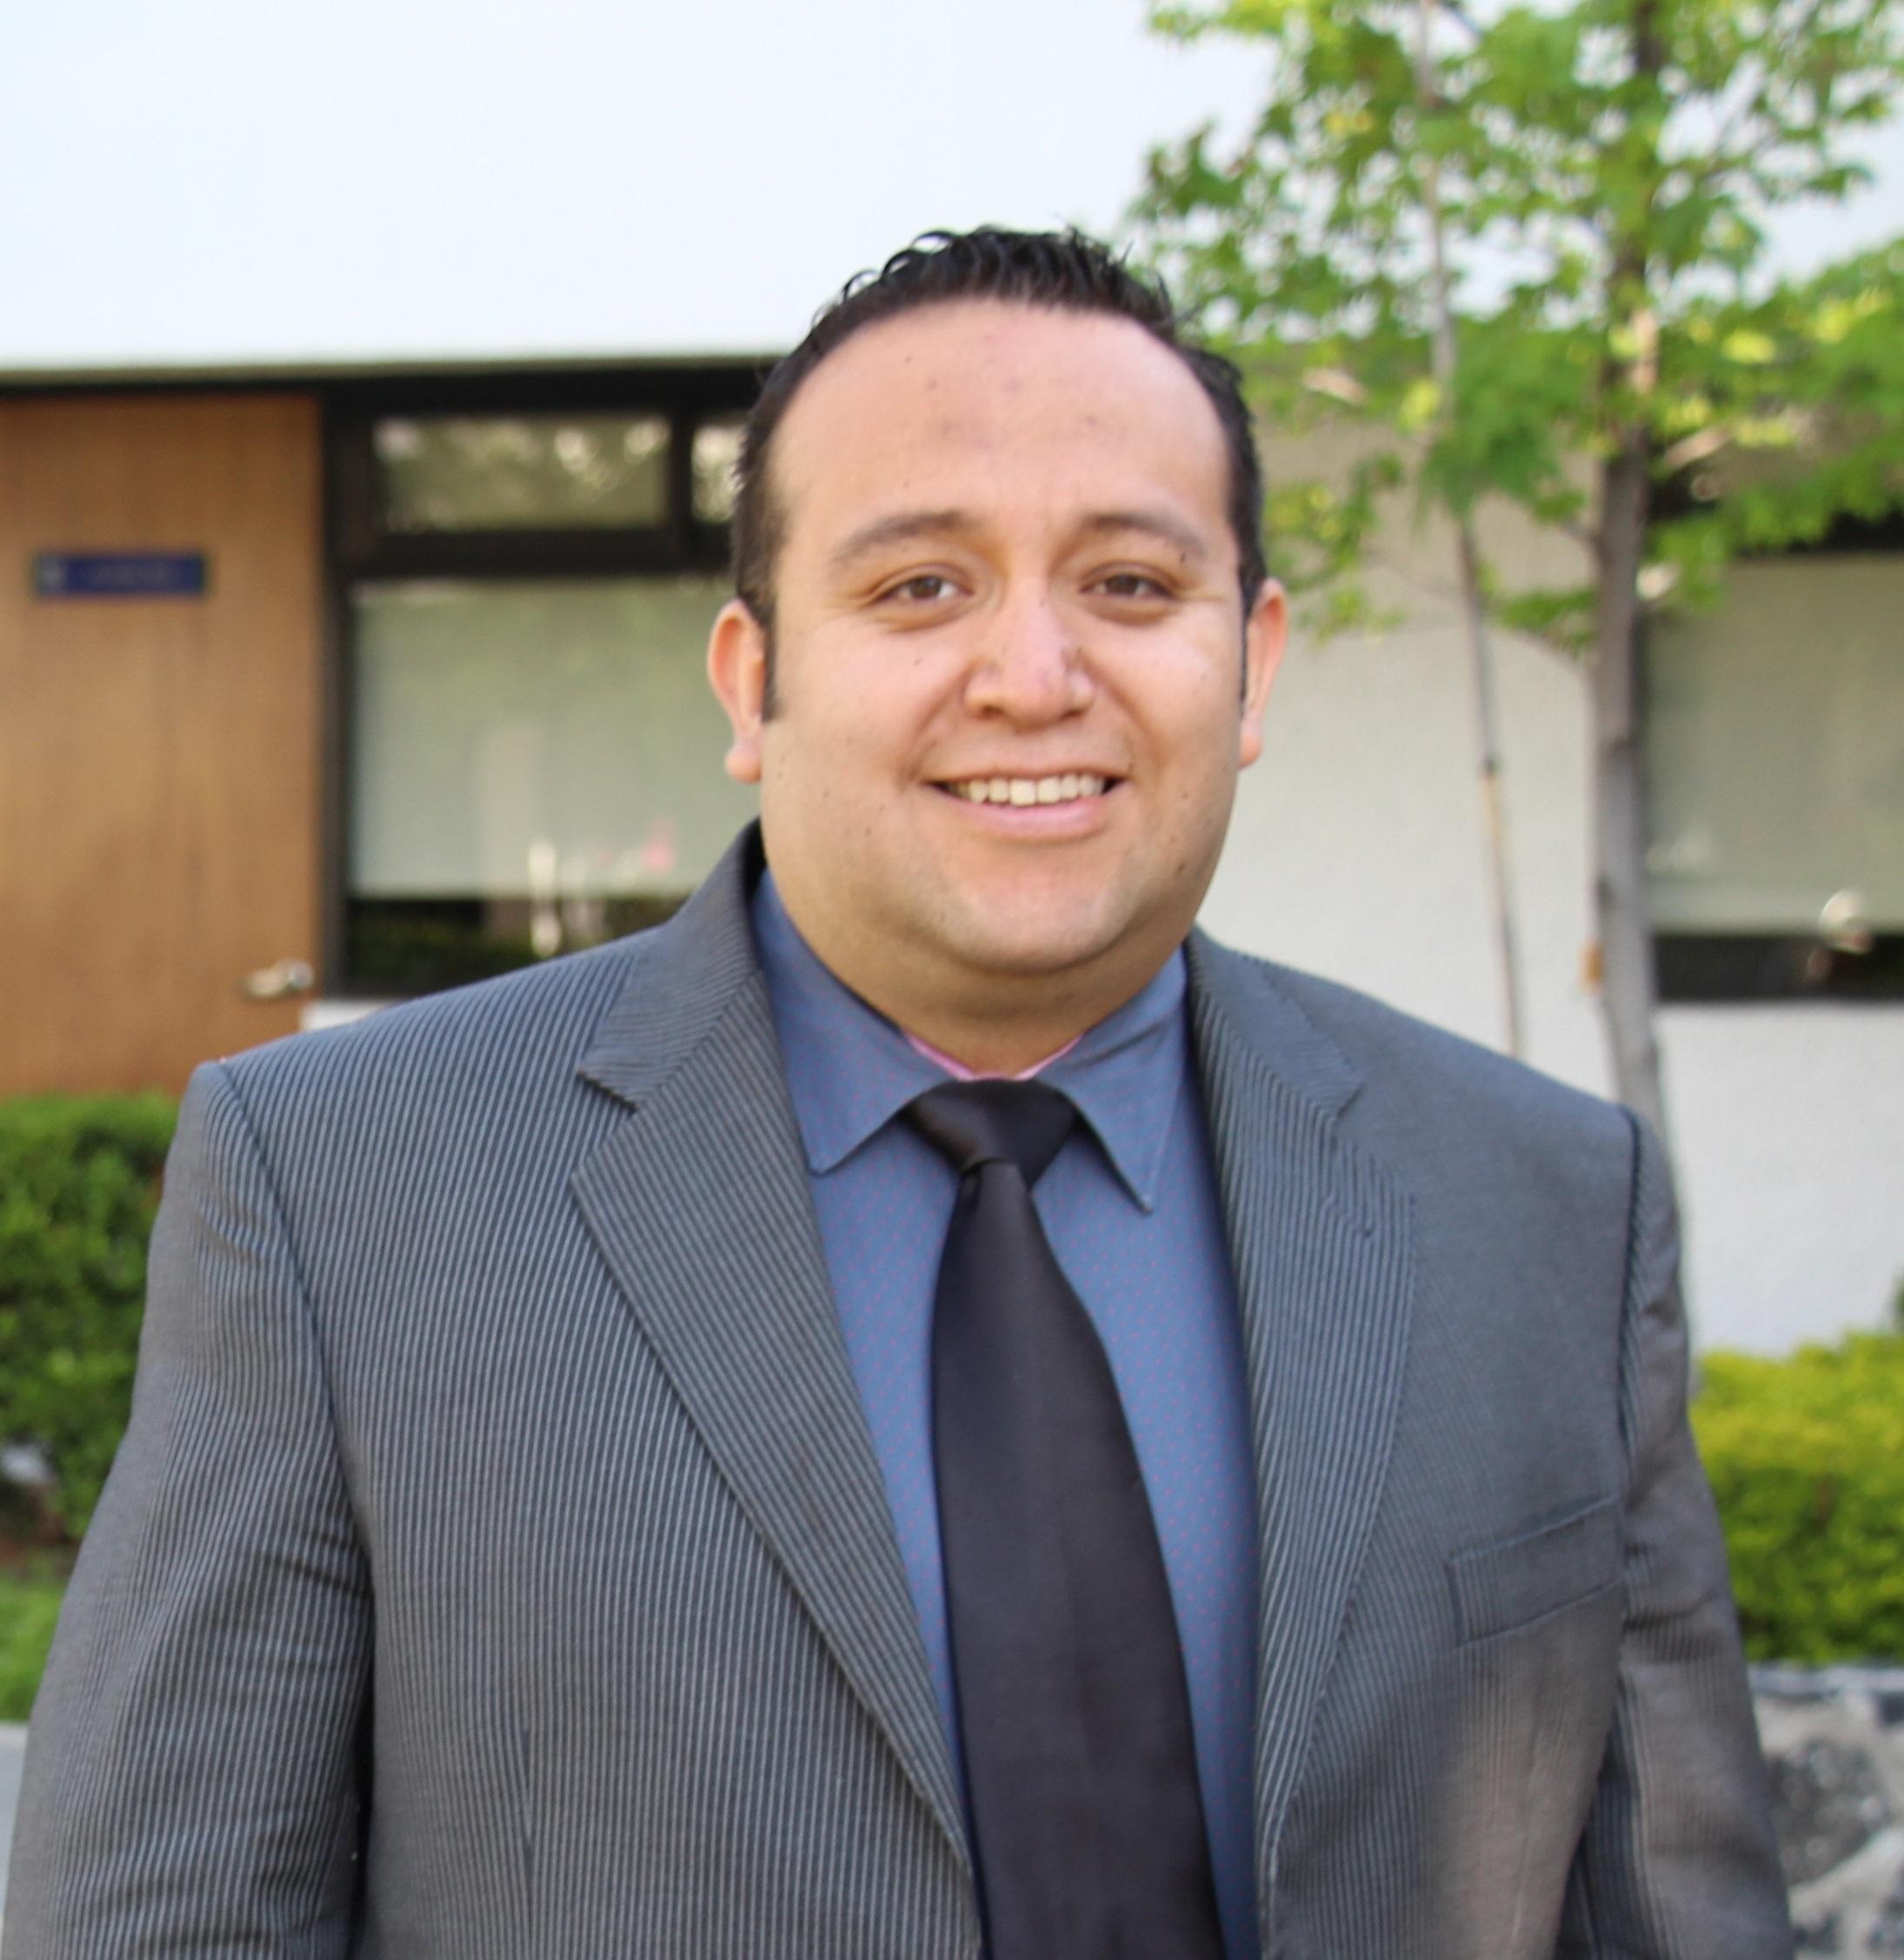 Luis Jair Trejo Alonso